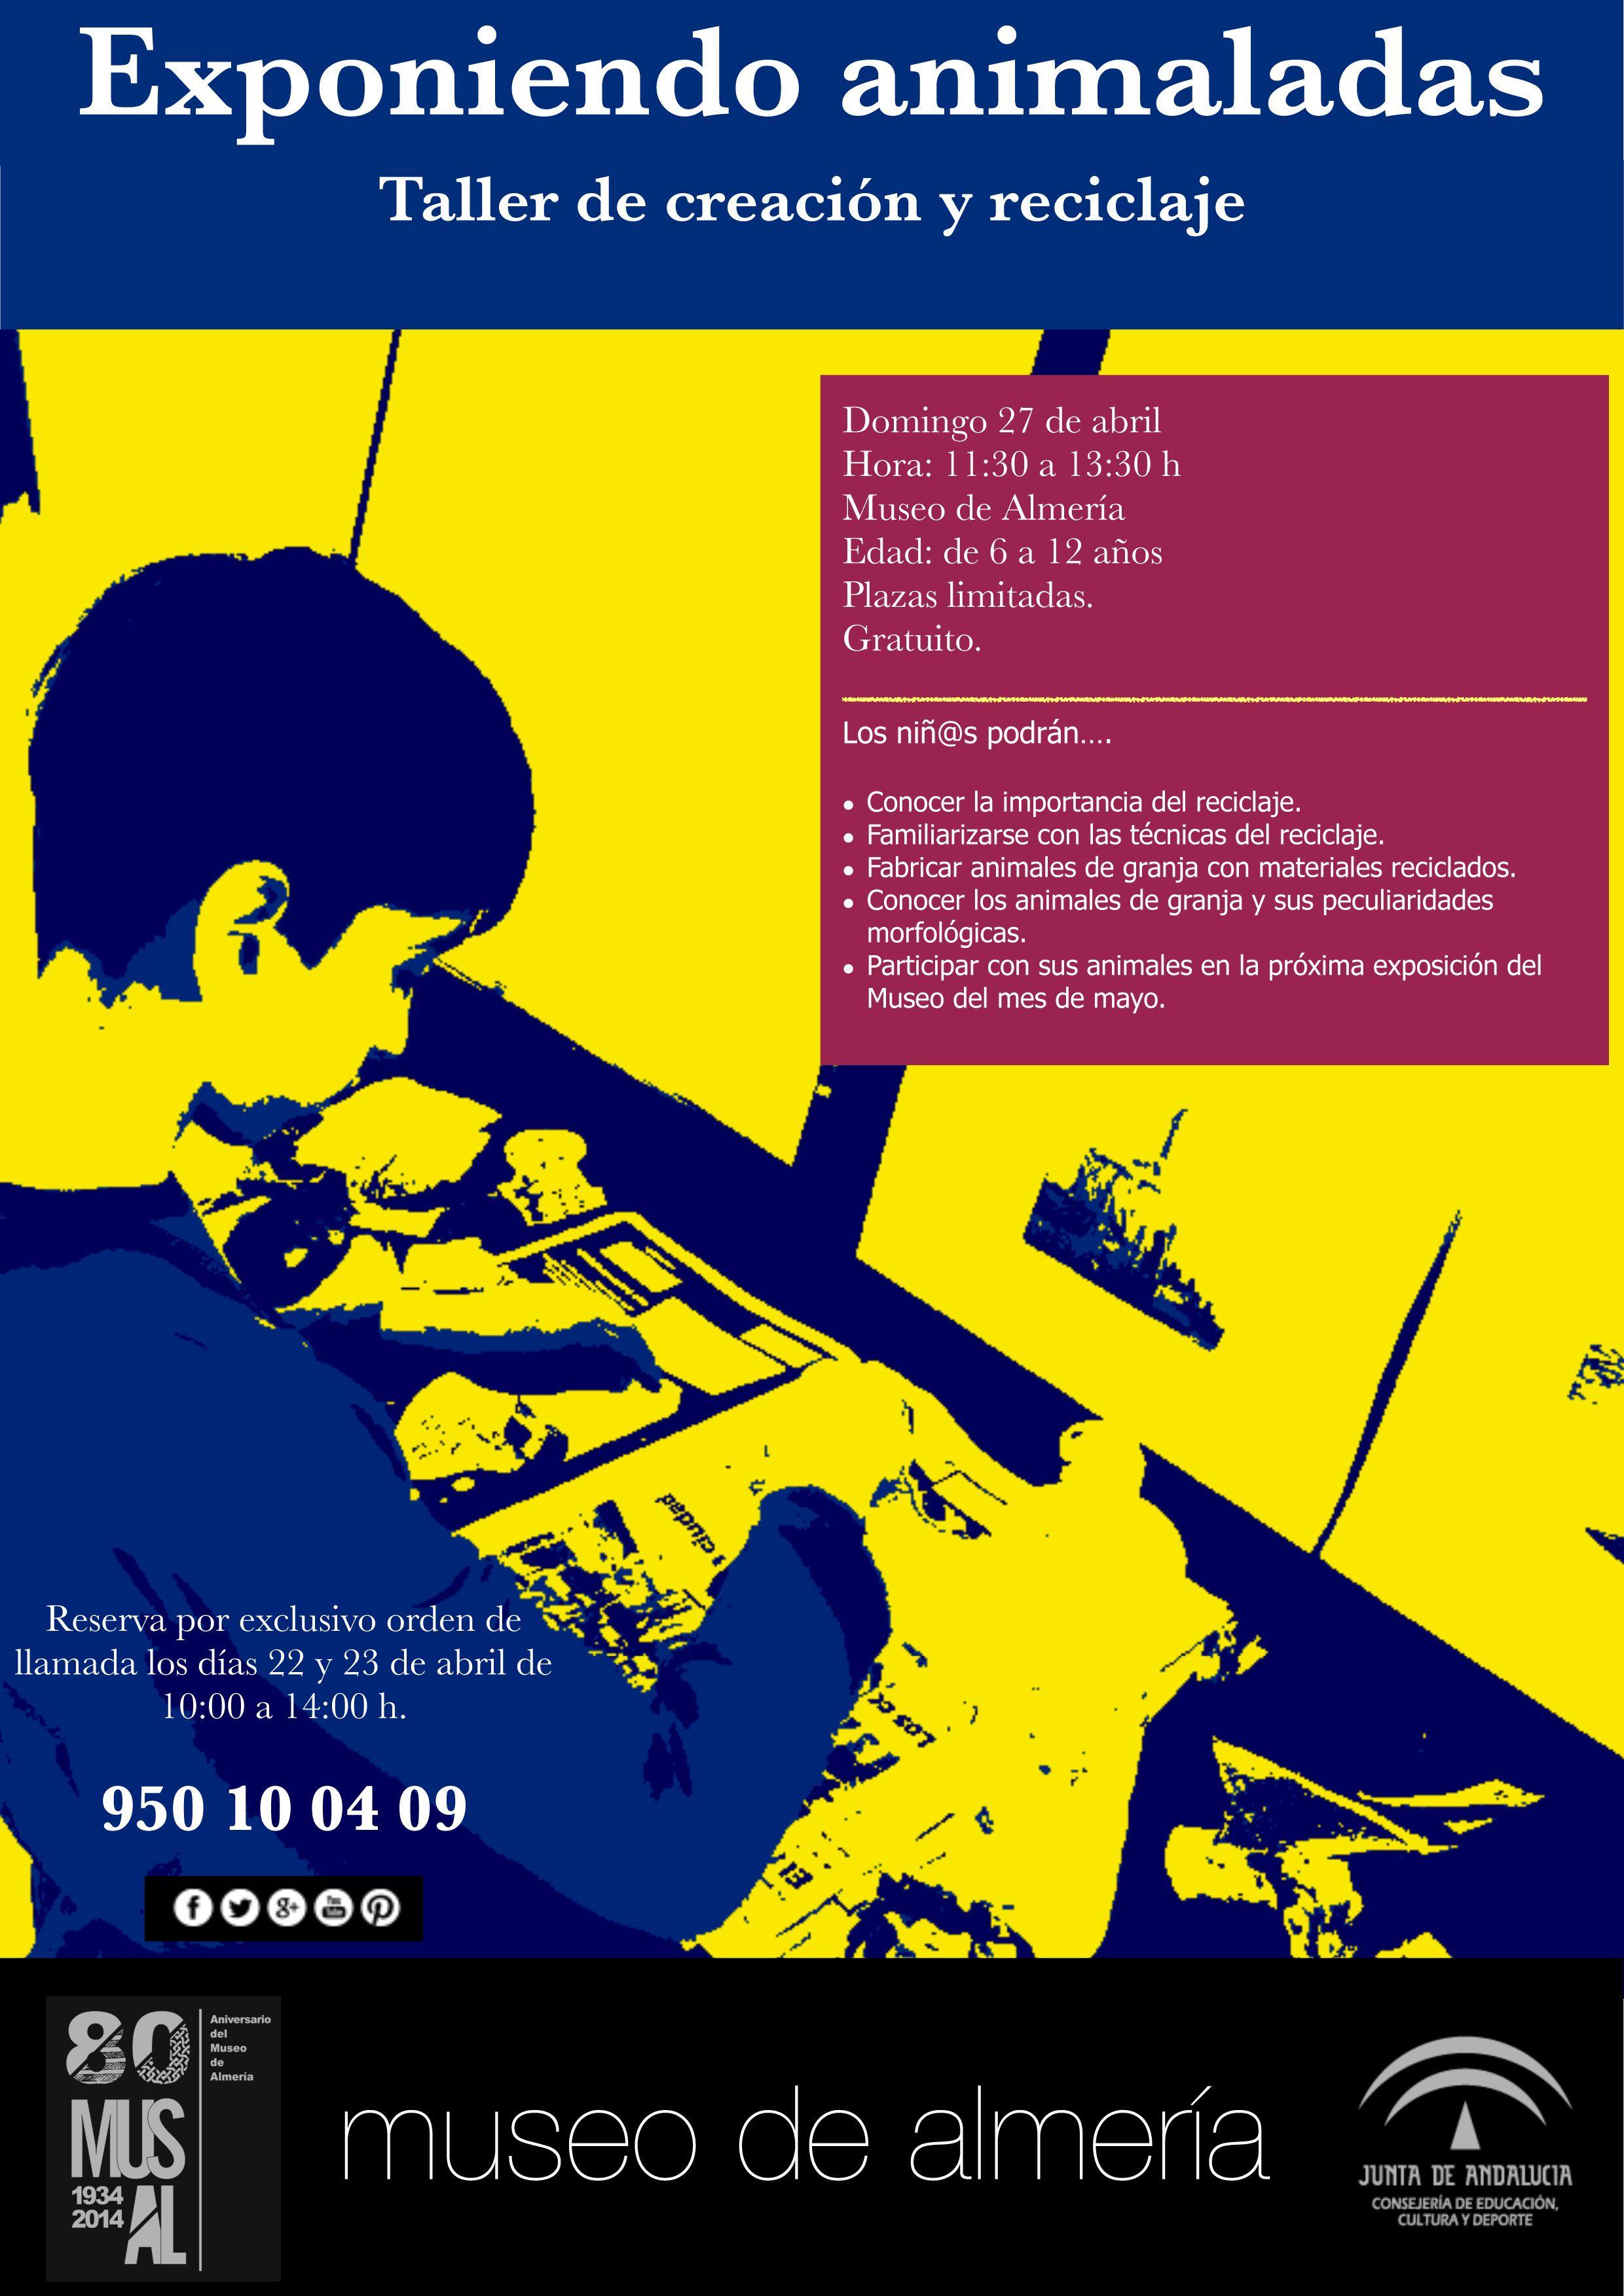 Taller de creación y reciclaje: Exponiendo Animaladas (Destinado a niñ@S entre 6 y 12 años. Inscripción gratuita. Domingo 21 de abril de11:30 a 13:30 h.)